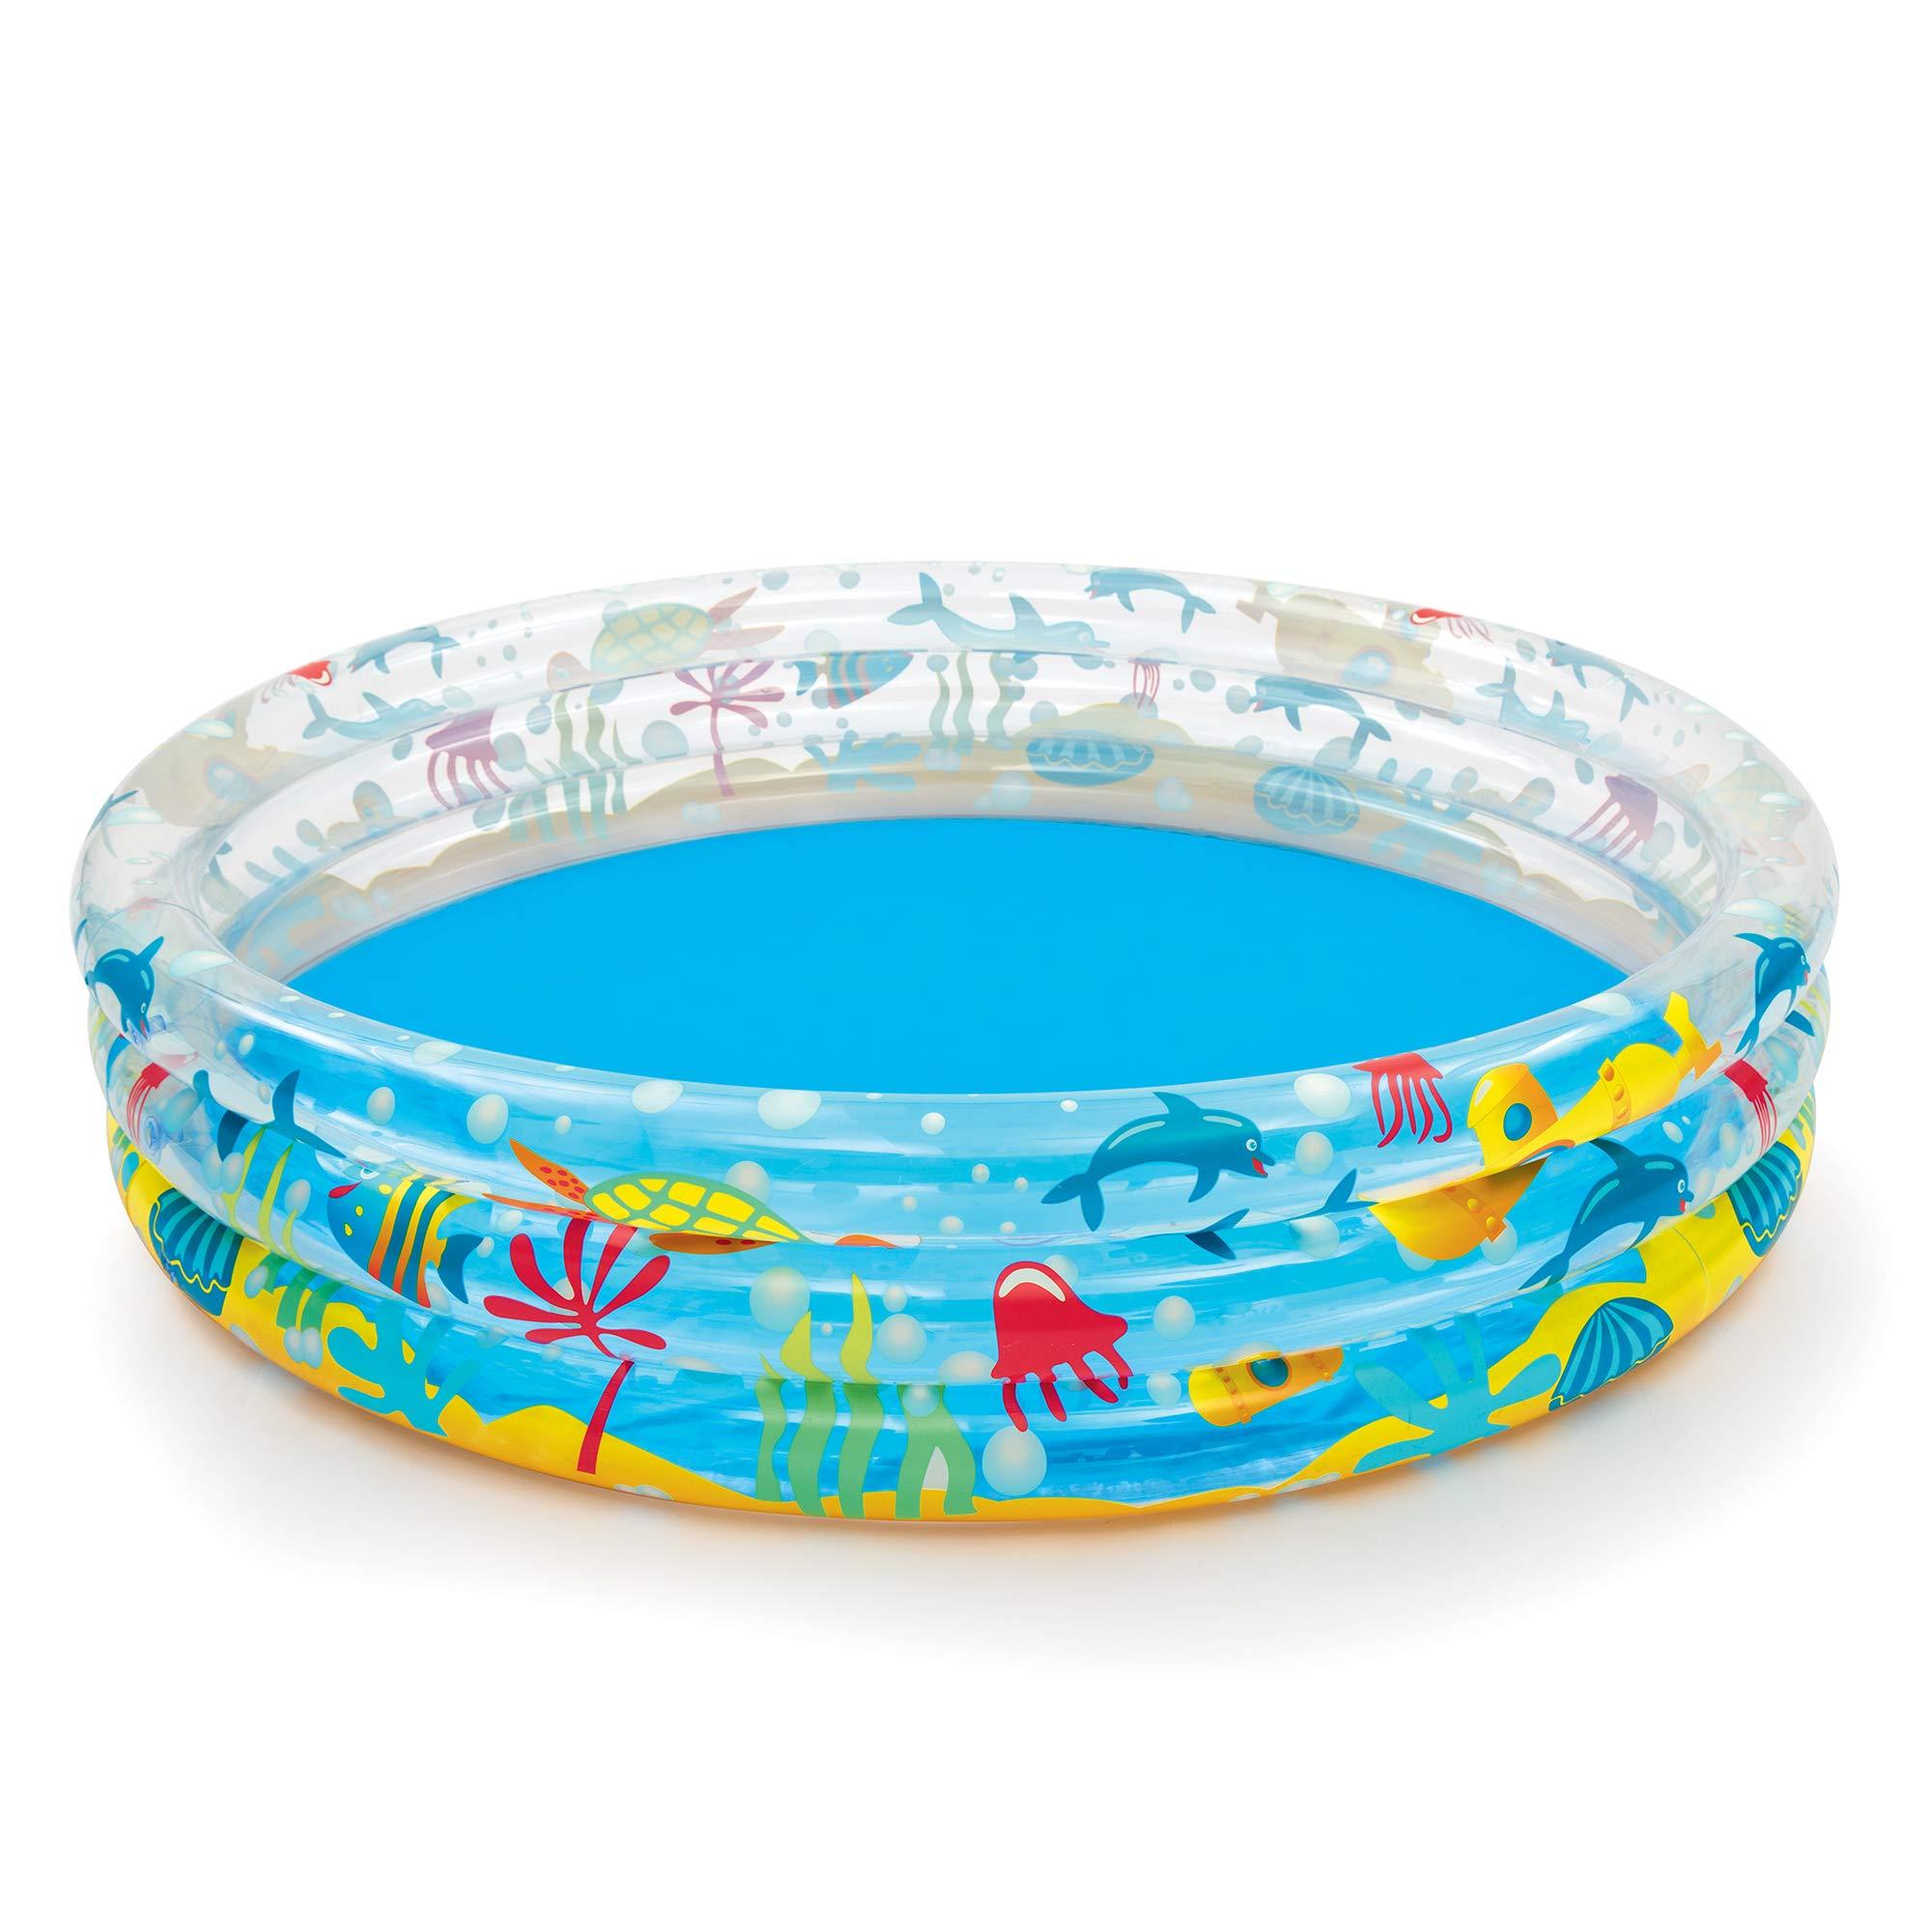 Bestway - Piscine gonflable pataugeoire ronde Deep Dive, diamètre 152 cm x 30 cm